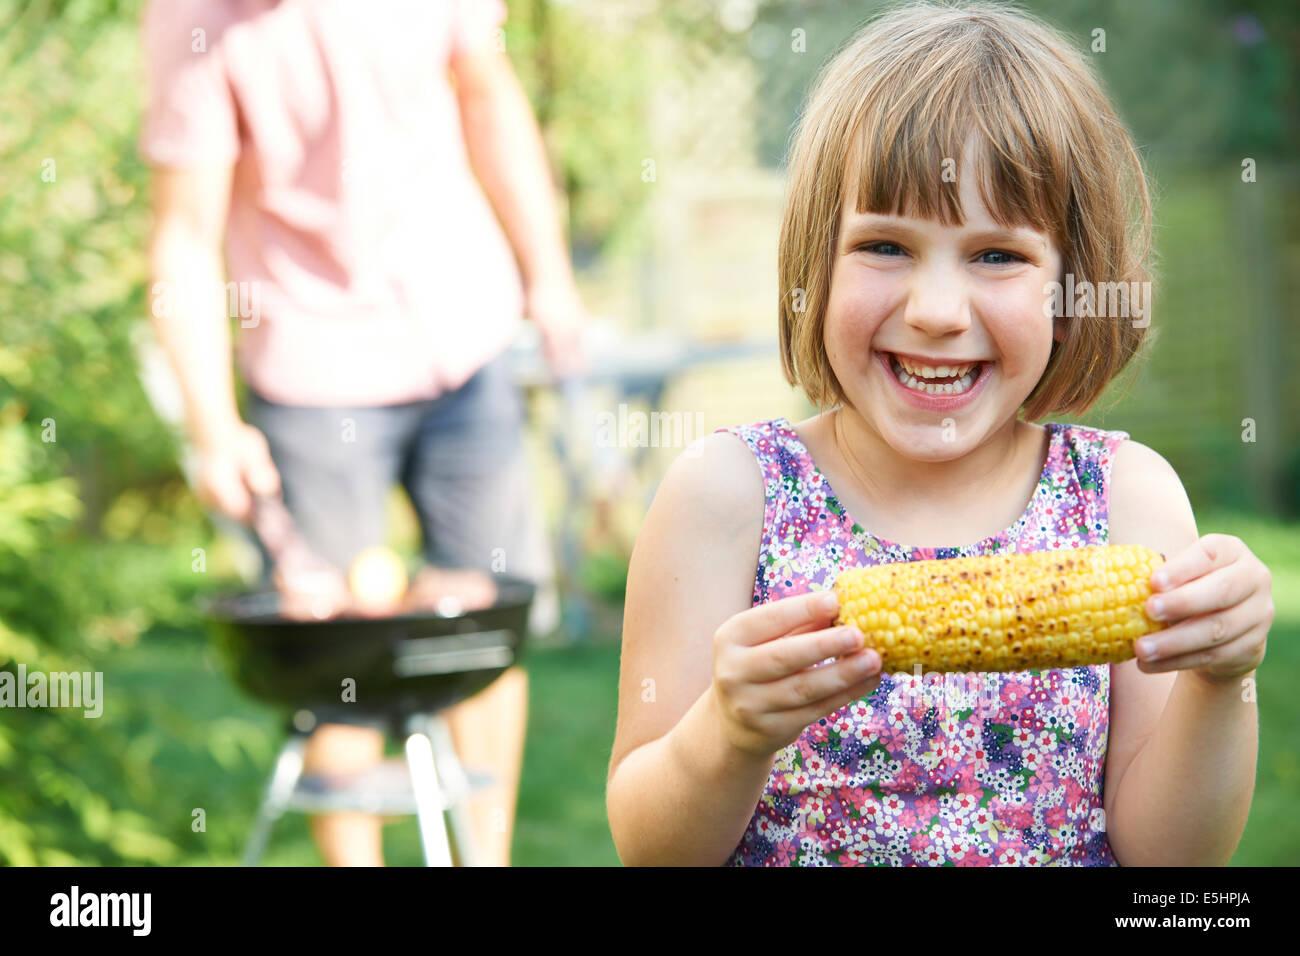 Ragazza giovane mangiare Granturco dolce al barbecue di famiglia Immagini Stock